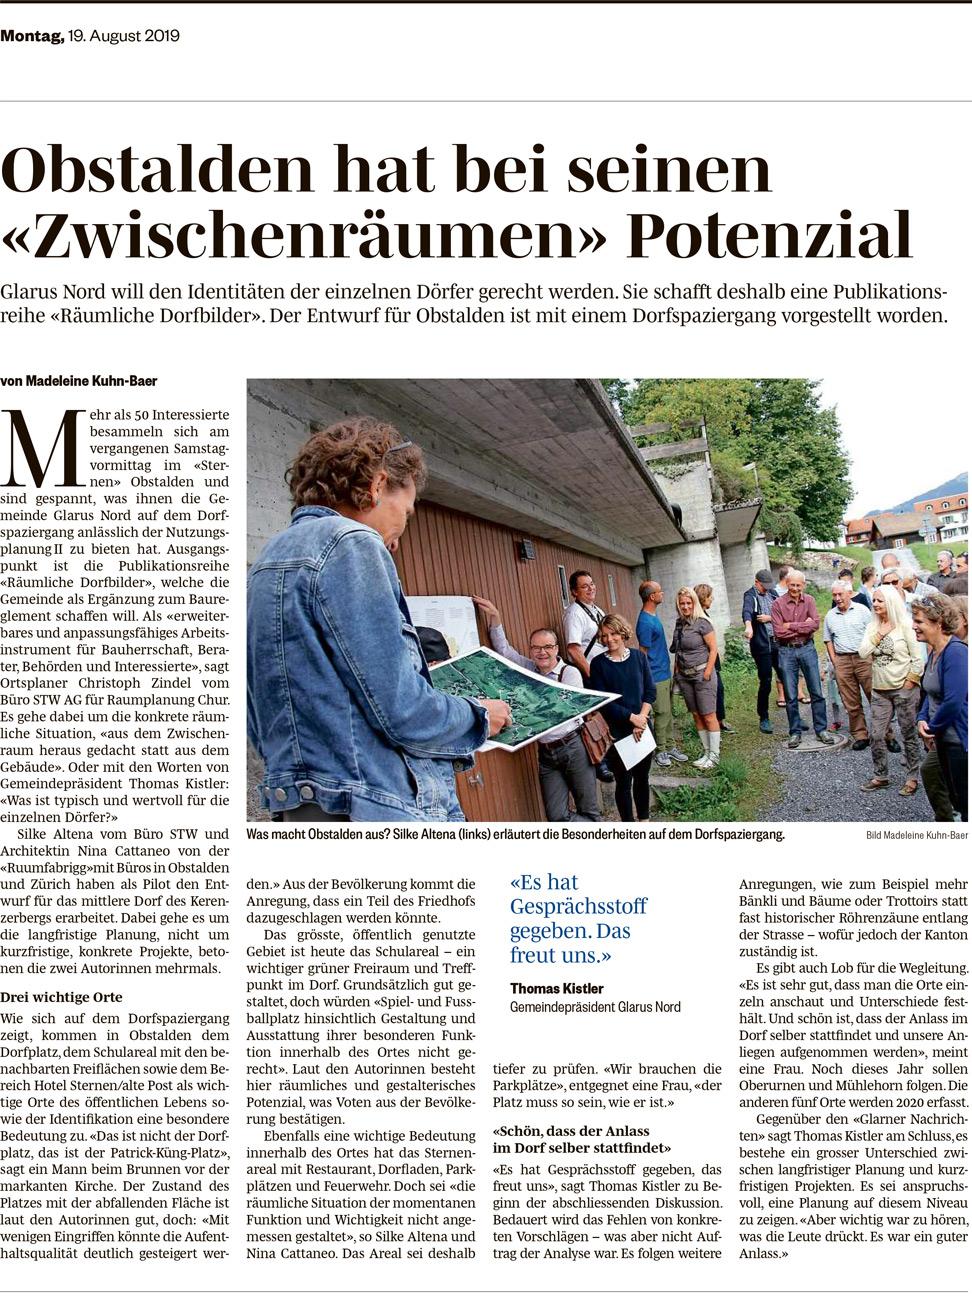 17. August 2019 - Im Rahmen eines Dorfspaziergangs mit der Bevölkerung haben wir das Räumliche Dorfbild von Obstalden vorgestellt. Bei diesem Projekt arbeiten wir als Architekten zusammen mit den Raumplanern der STW AG, Chur und liefern gemeinsam einen Beitrag zur Nutzungsplanungsrevision der Gemeinde Glarus Nord.